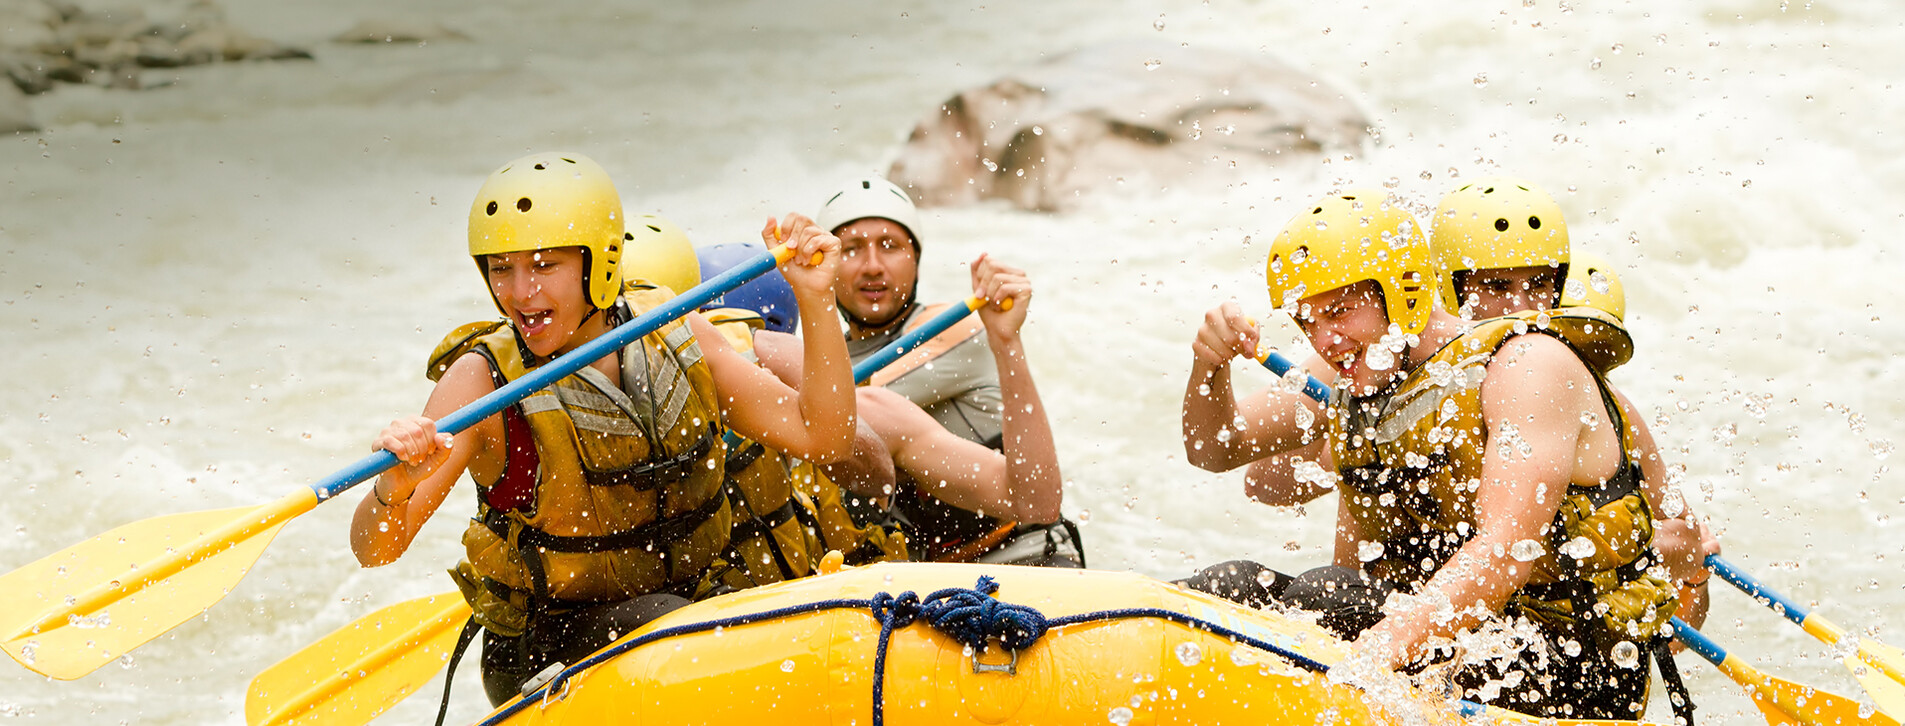 Fotoğraf 1 - Aile için Rafting